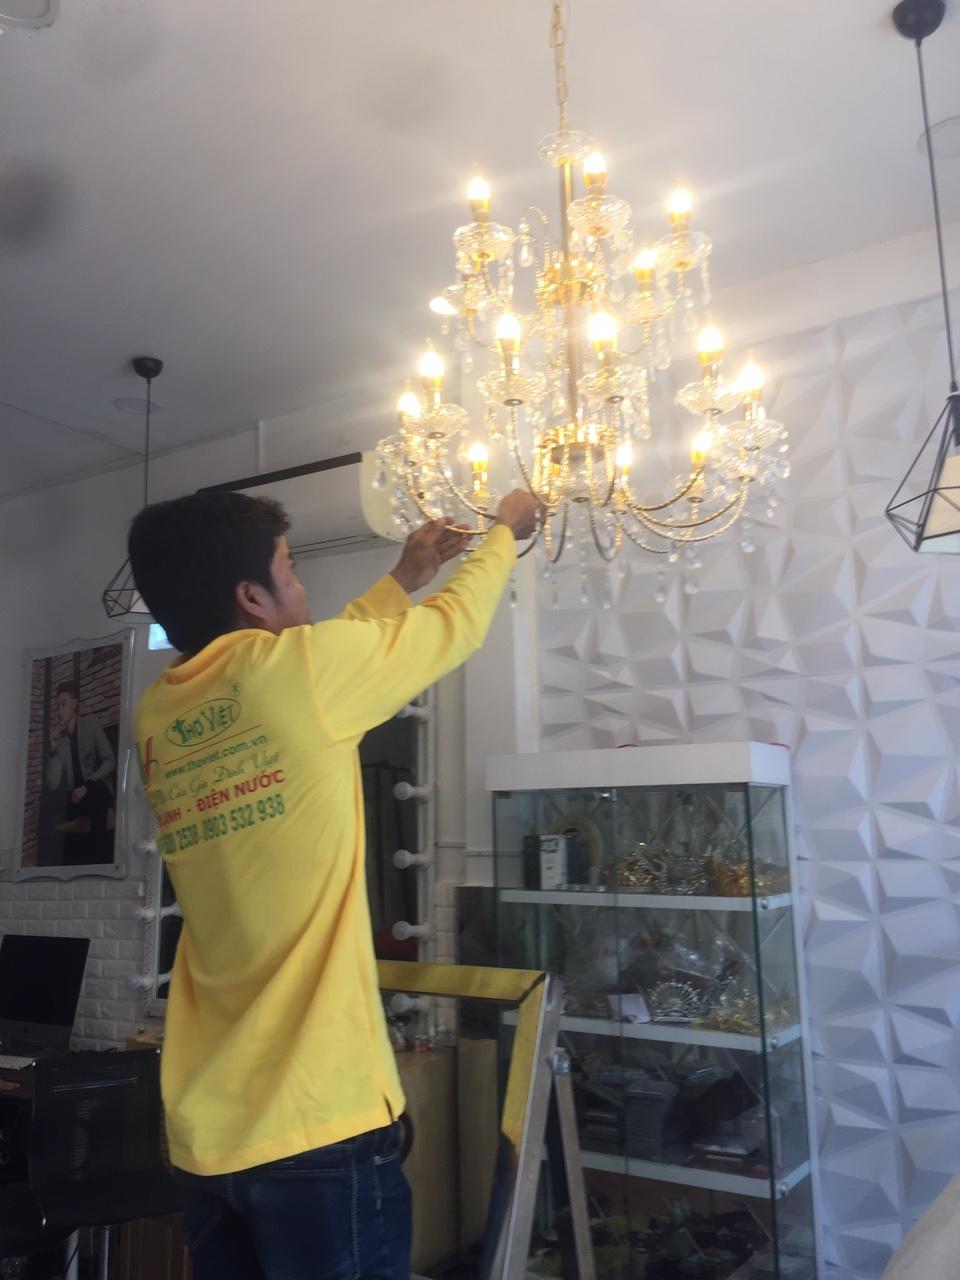 Thợ lắp đèn trùm trang trí Tại Tp HCM, dịch vụ lắp đặt đèn trùm tại Tp Hồ Chí MInh